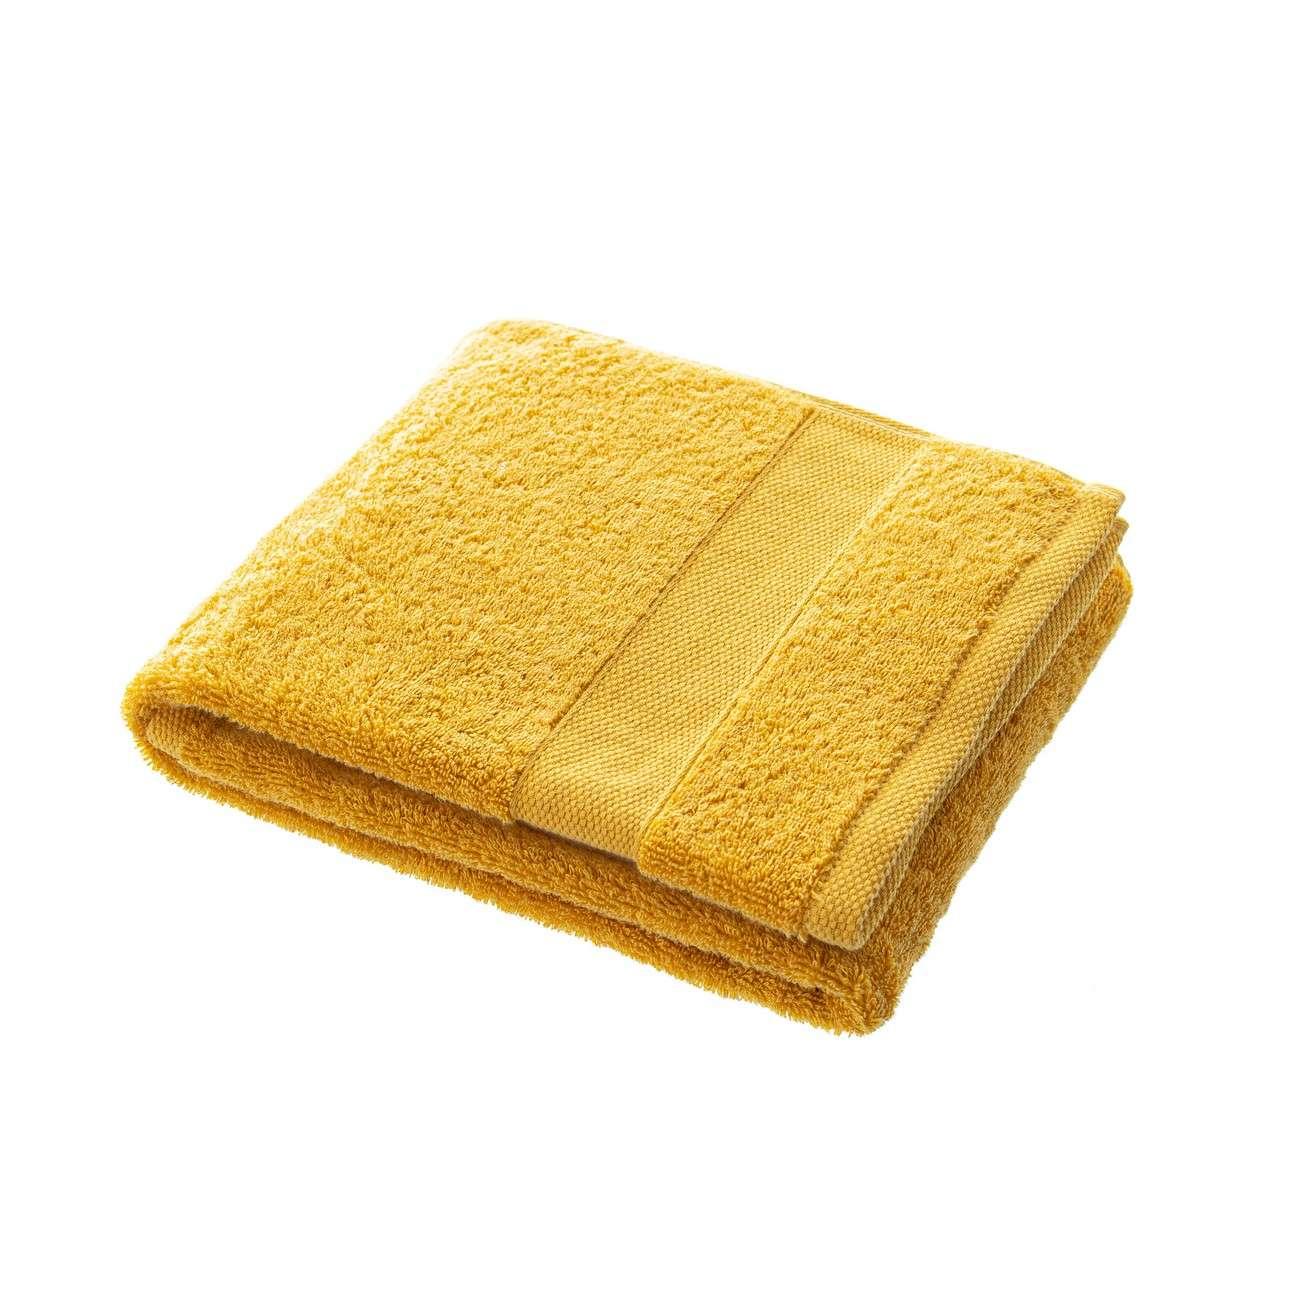 Ručník Cairo 50 x 90 cm yellow